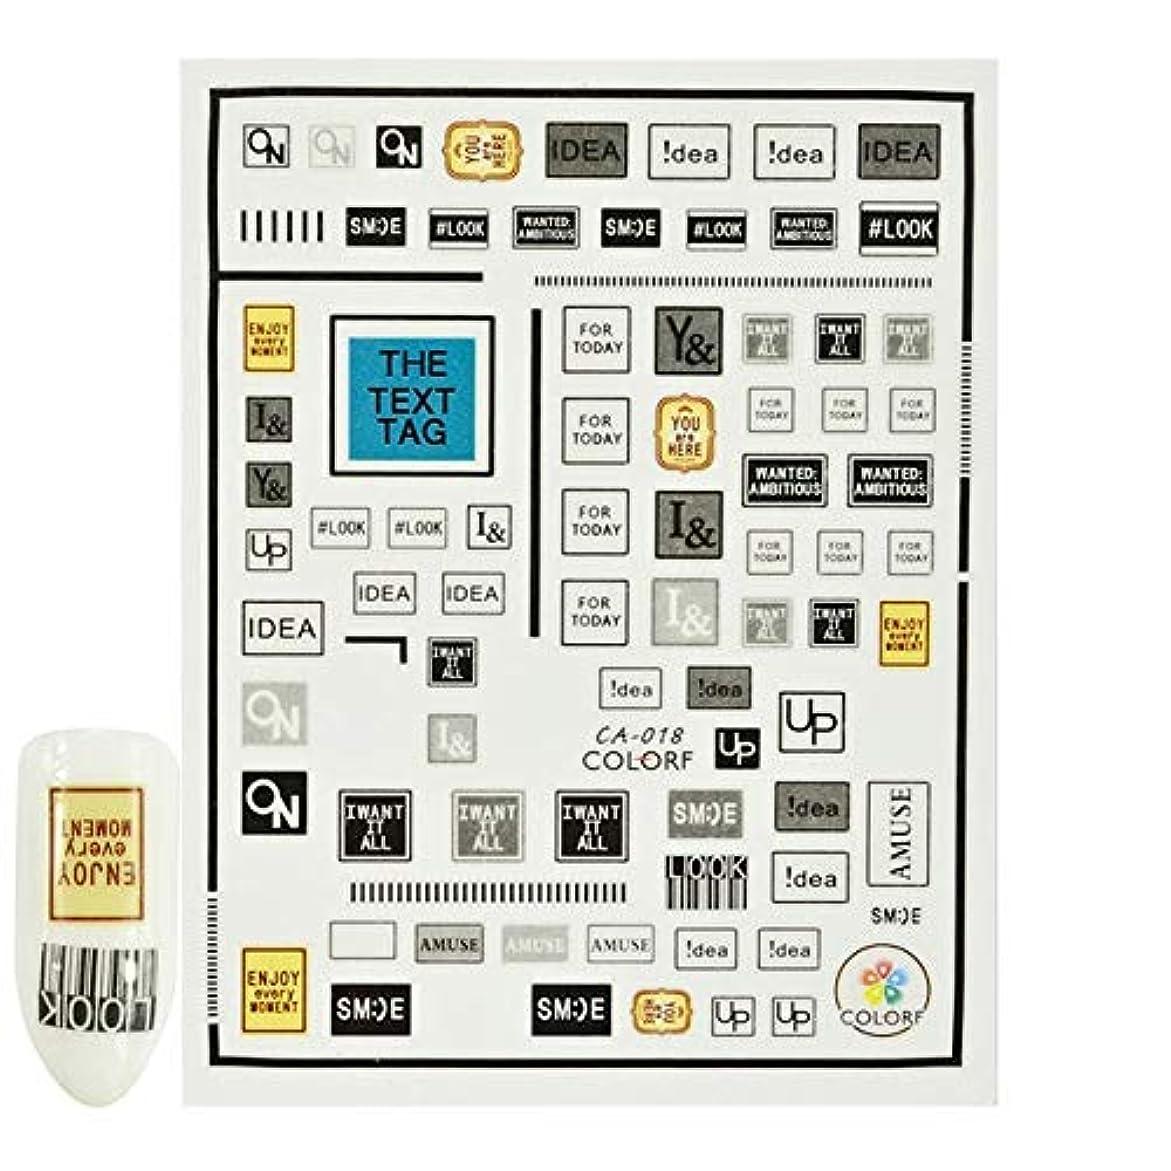 生活びっくりする繊維SUKTI&XIAO ネイルステッカー 1ピース英語レターフラワーリトルエレメントハートネイルアートステッカーデカールヒントツール3dラップdiyマニキュアスライダーインテリア